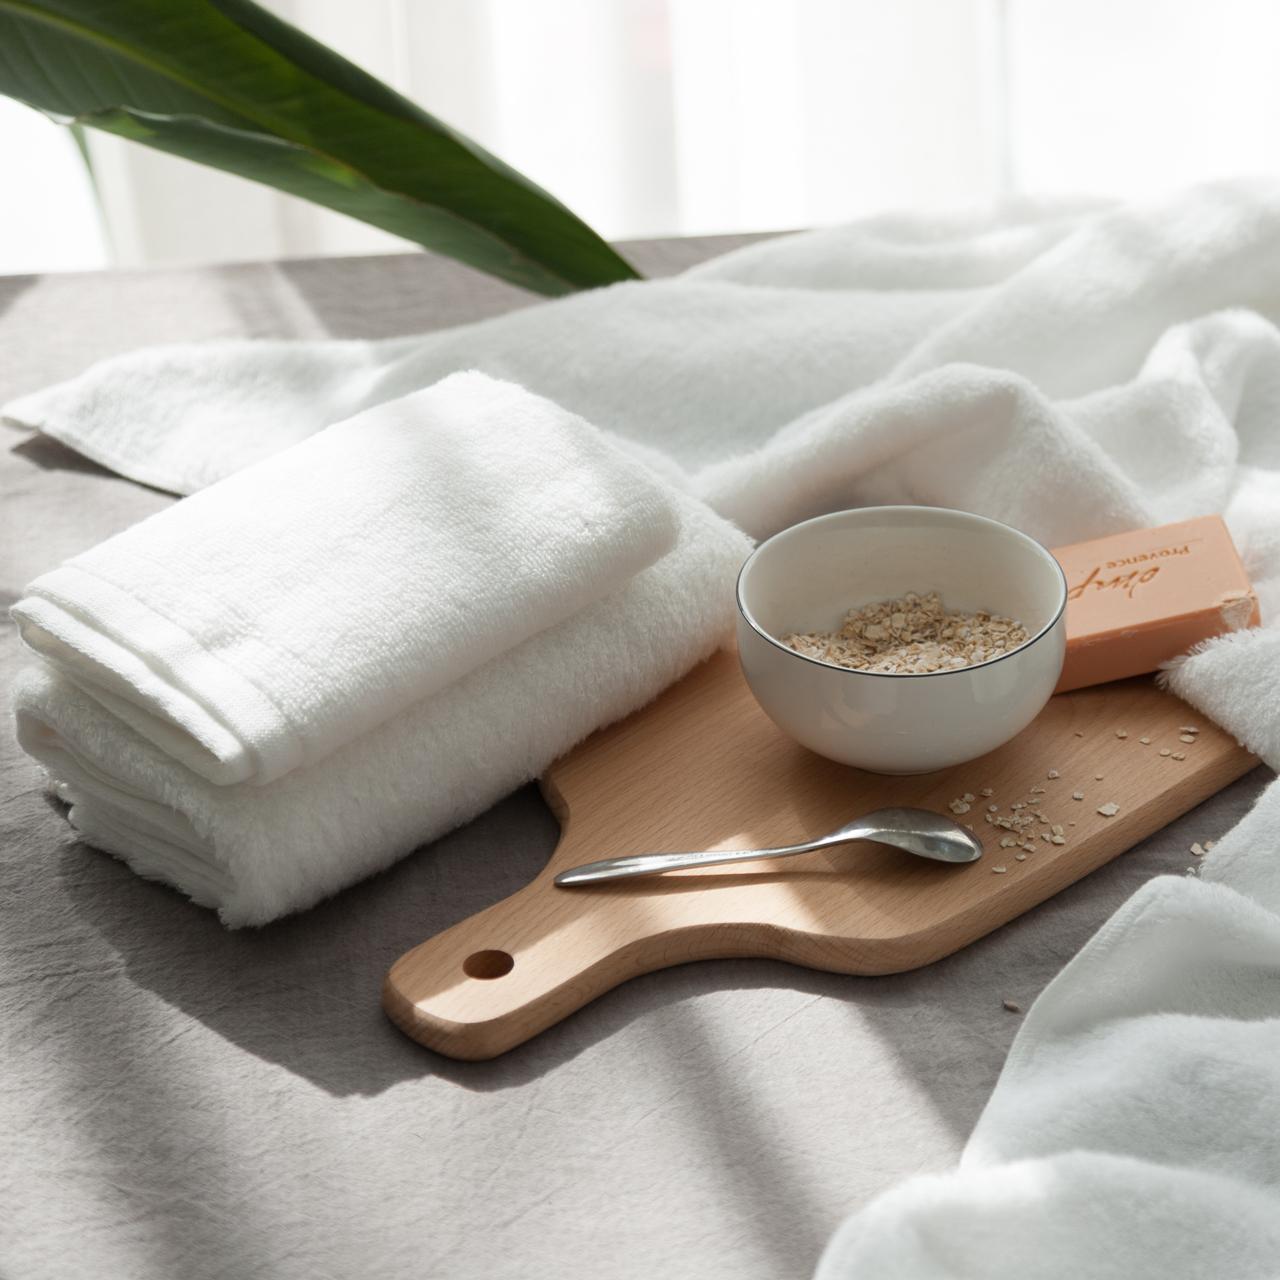 日本进口毛巾一朵日本今治毛巾提花洁面亲肤面巾x1送人礼盒装